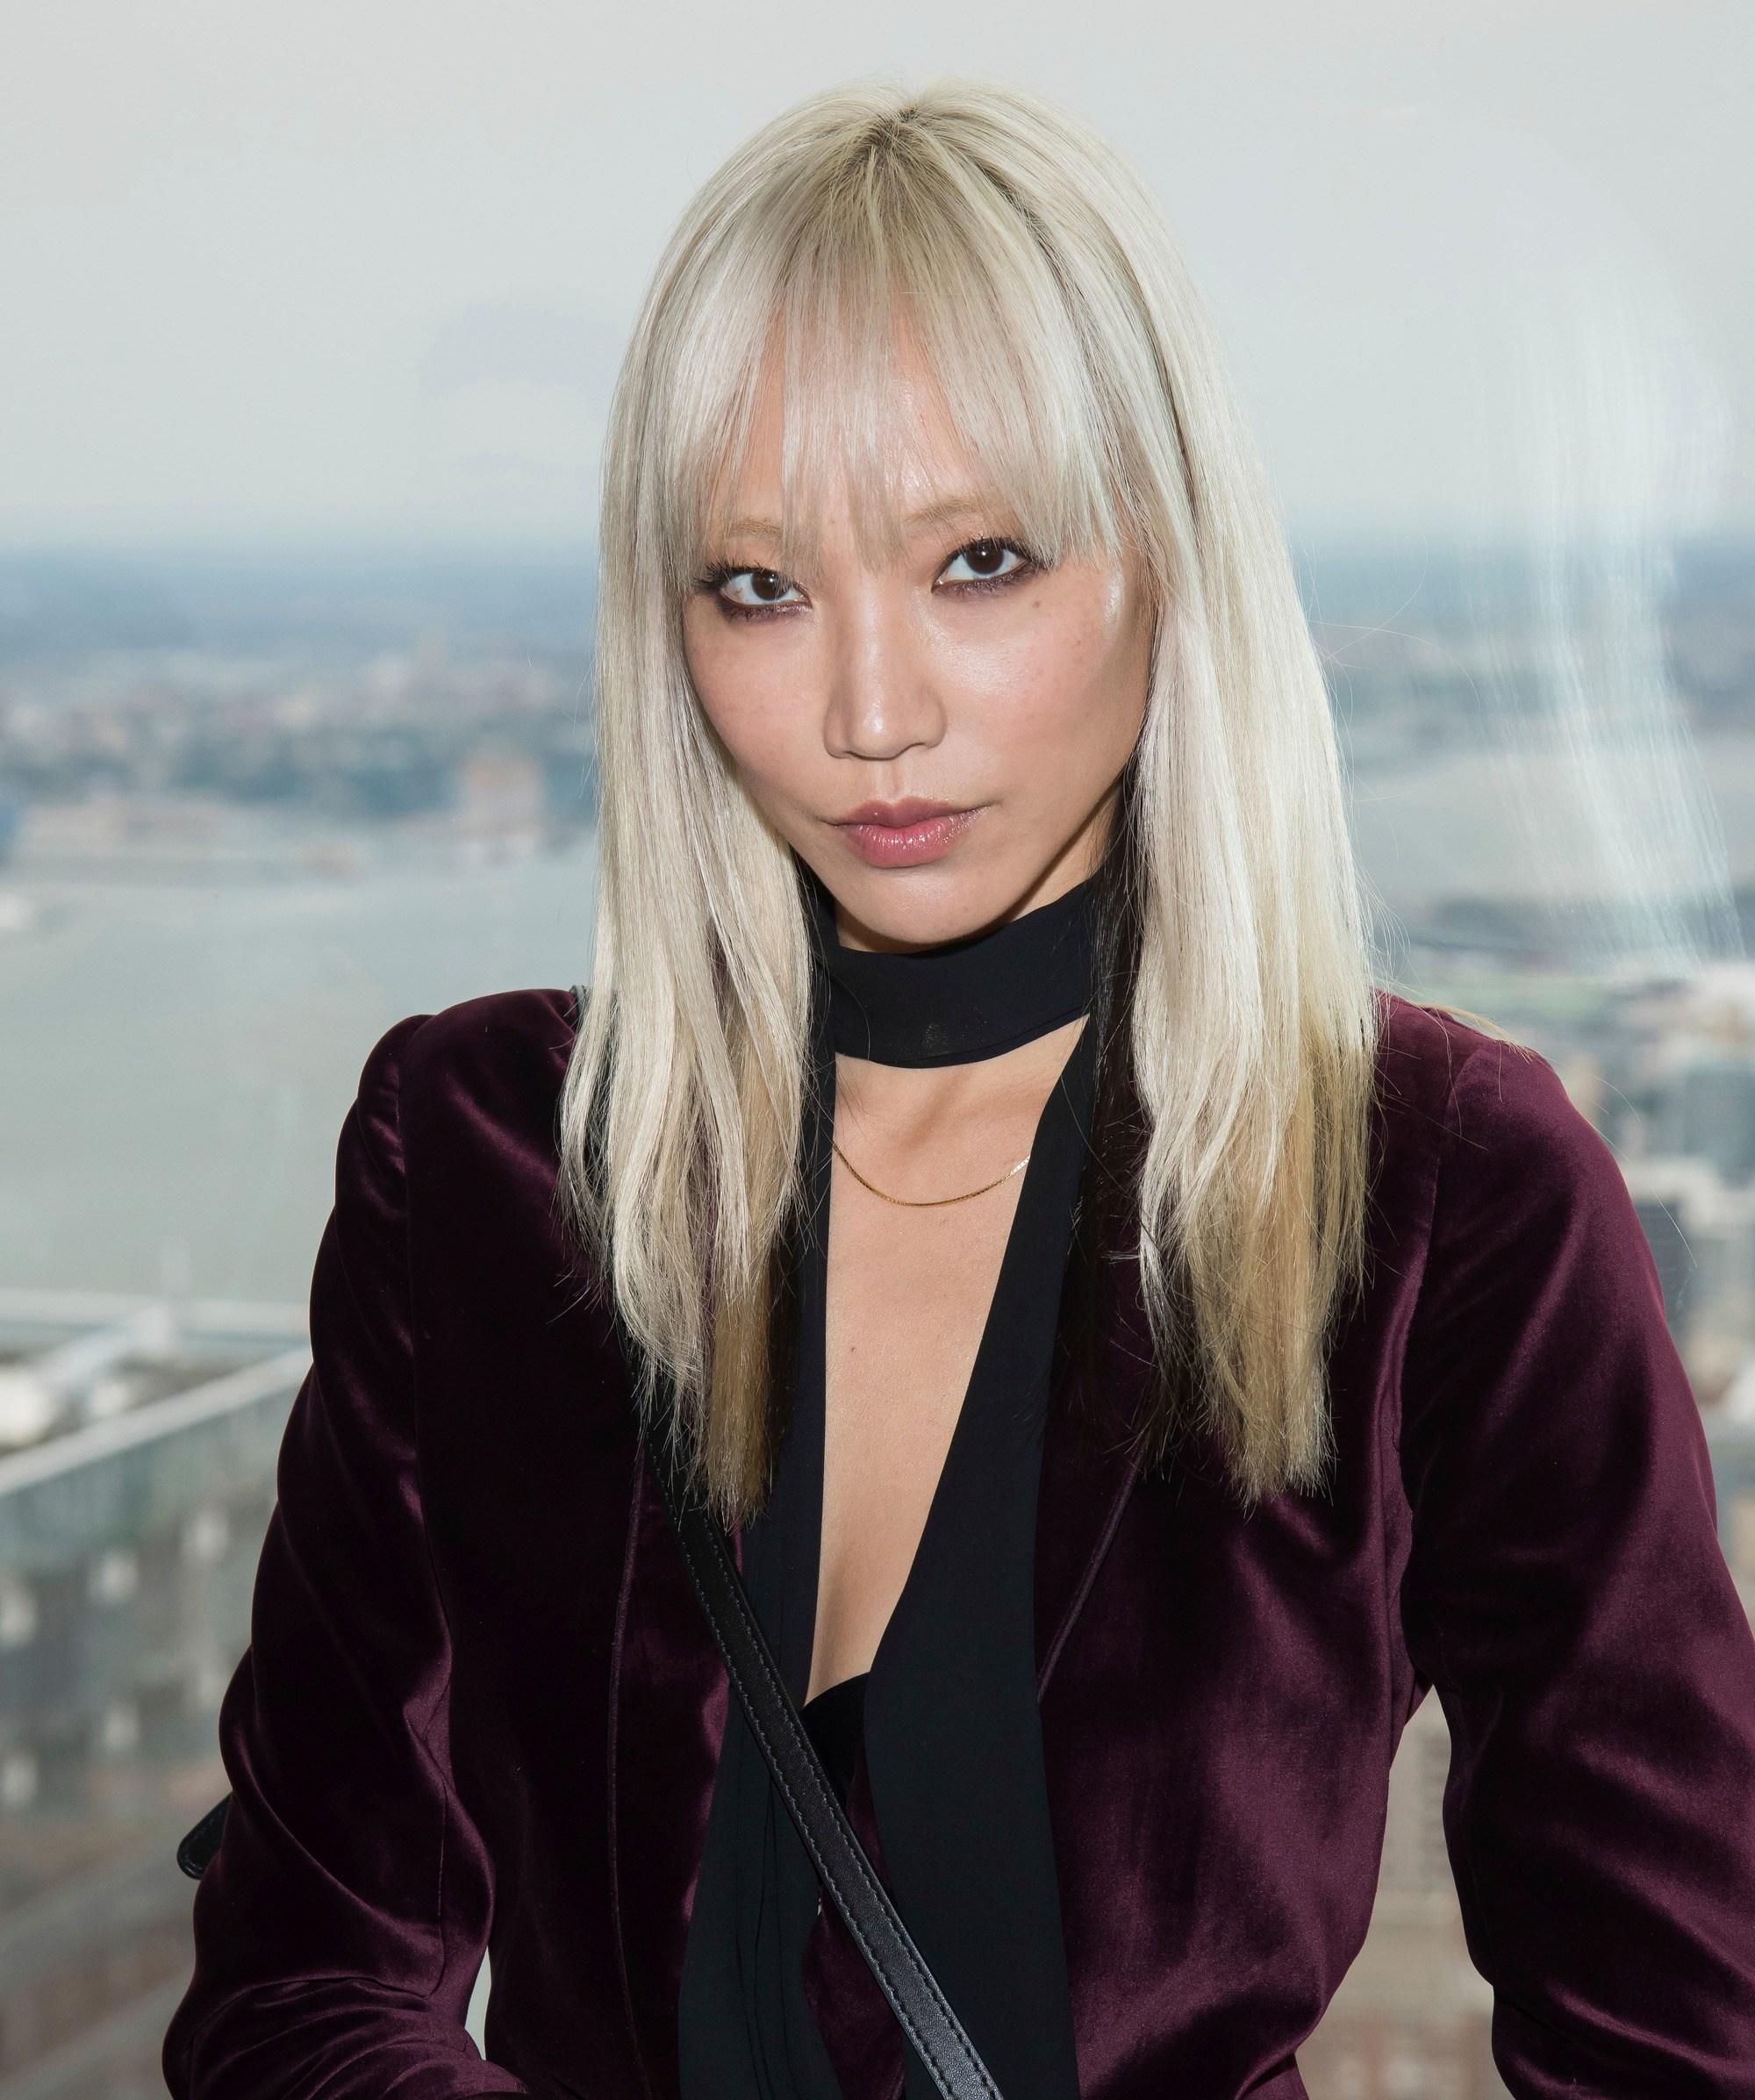 Soo Joo Park avec des cheveux blonds décolorés et raides avec une frange